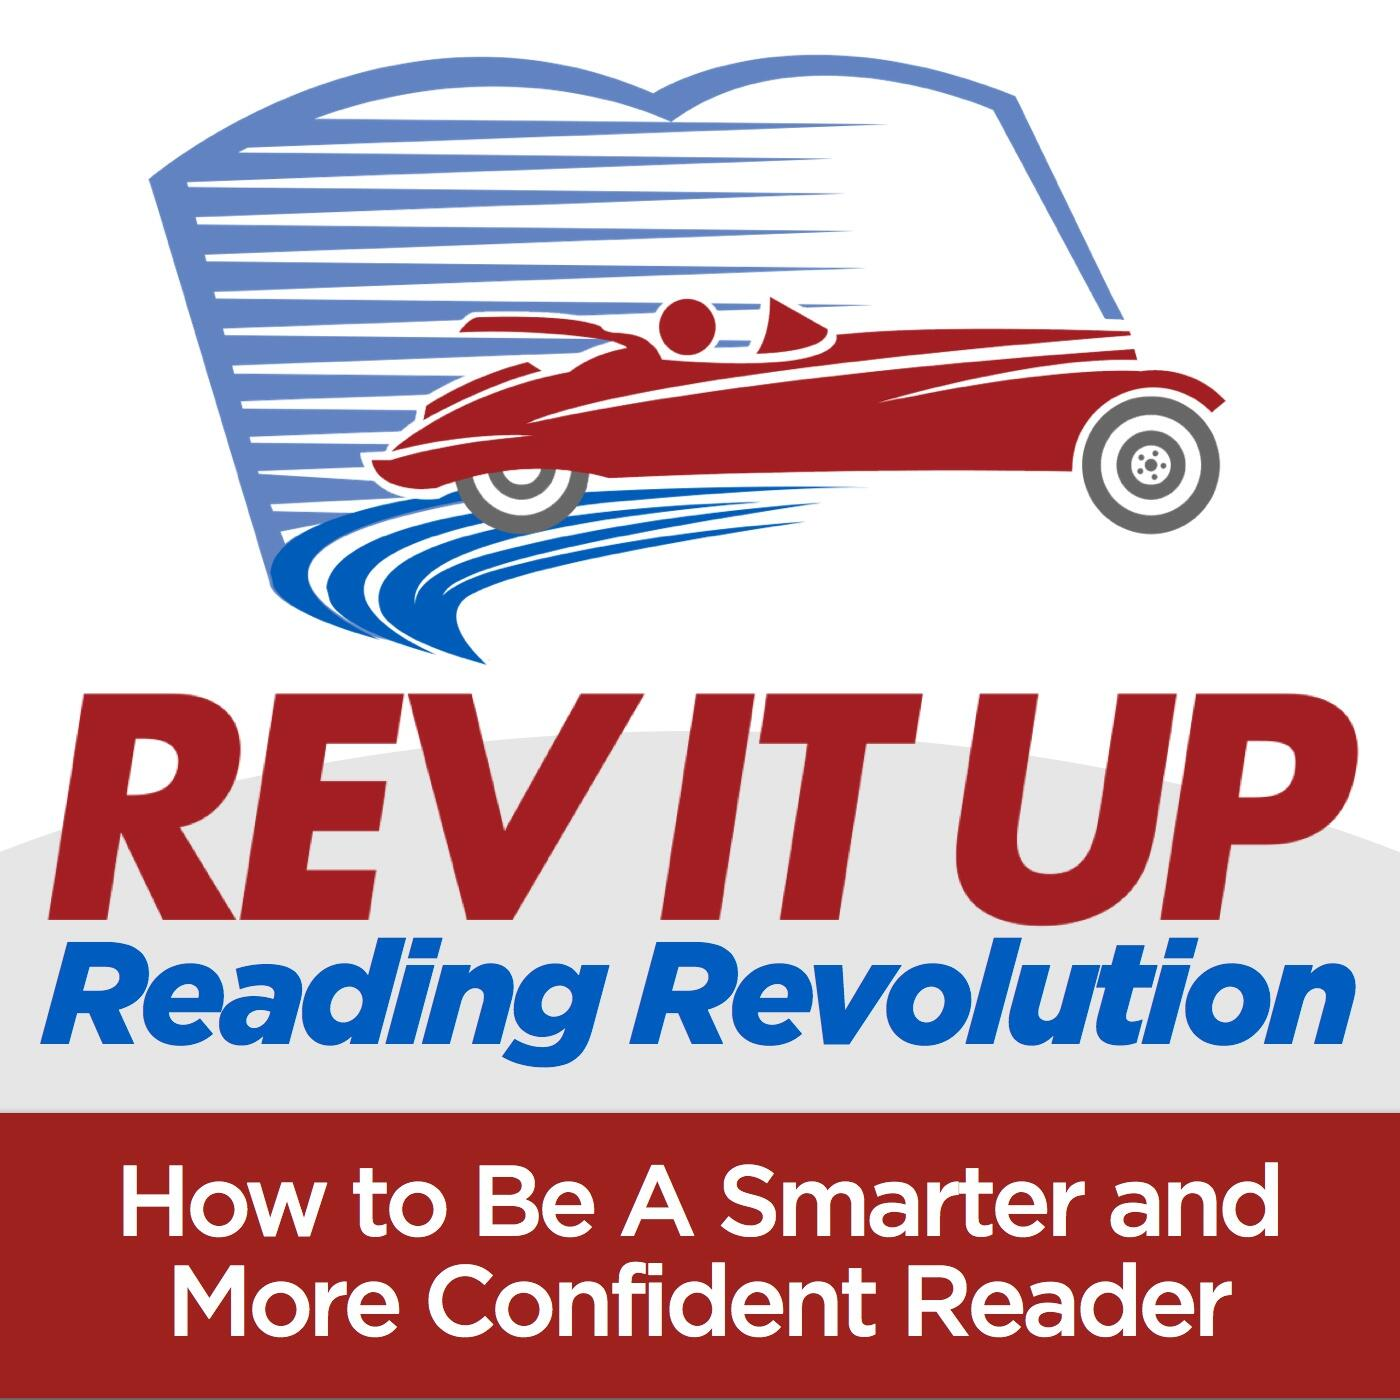 Rev It Up Reading Revolution